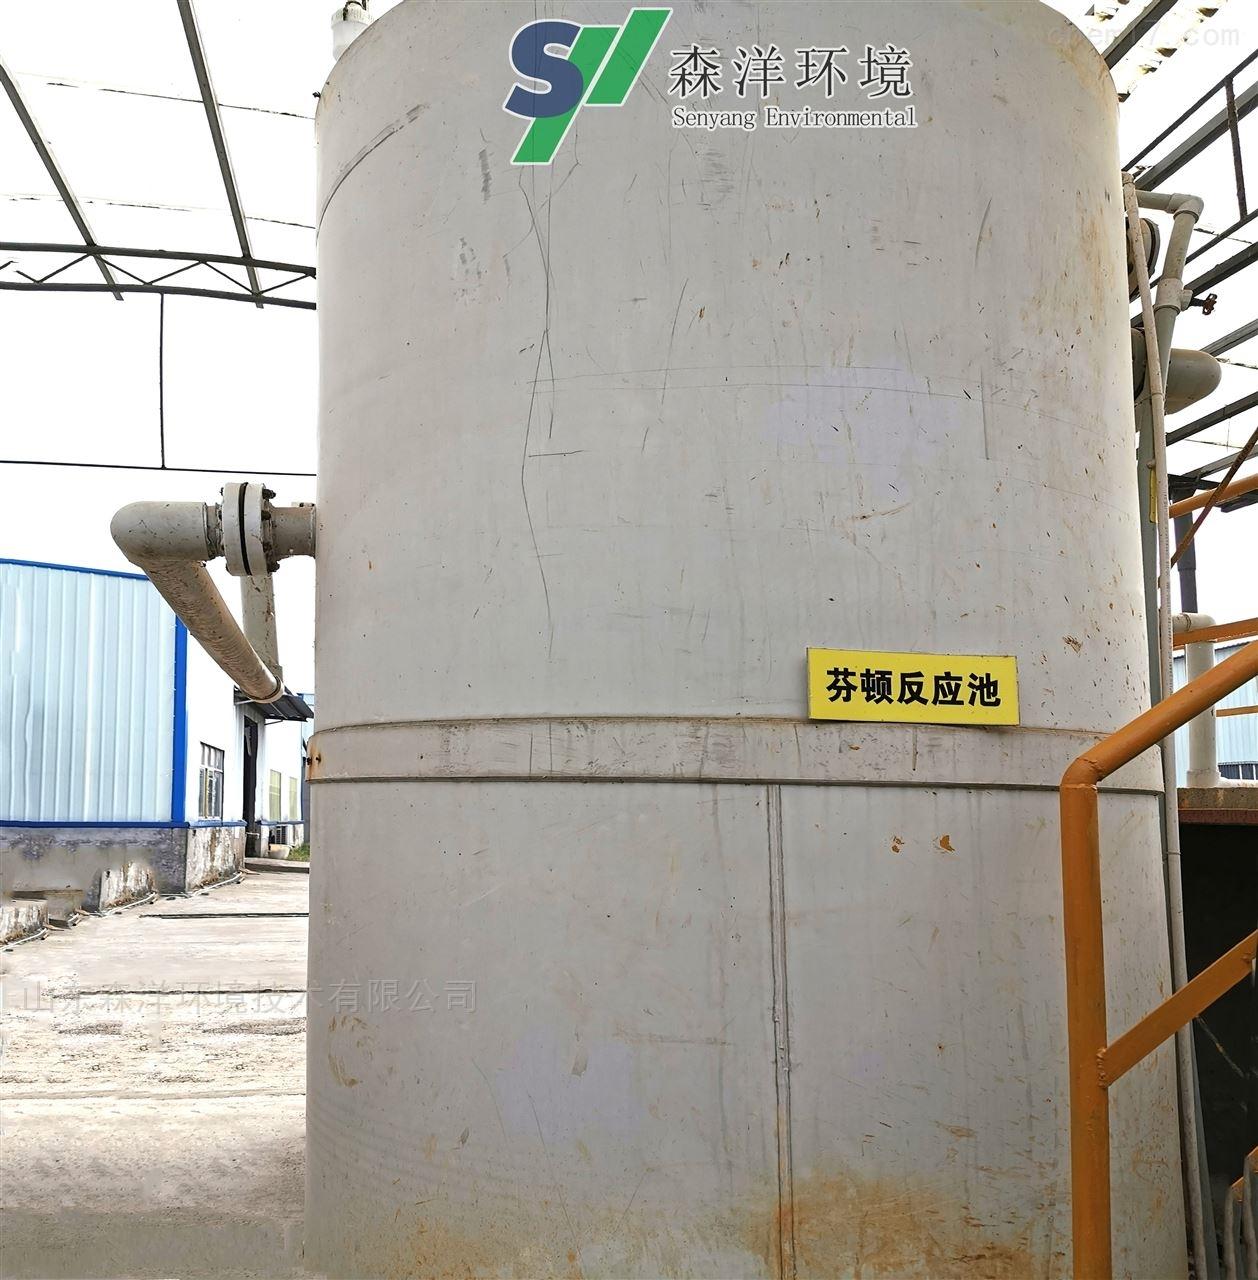 潍坊污水处理芬顿设备生产厂家